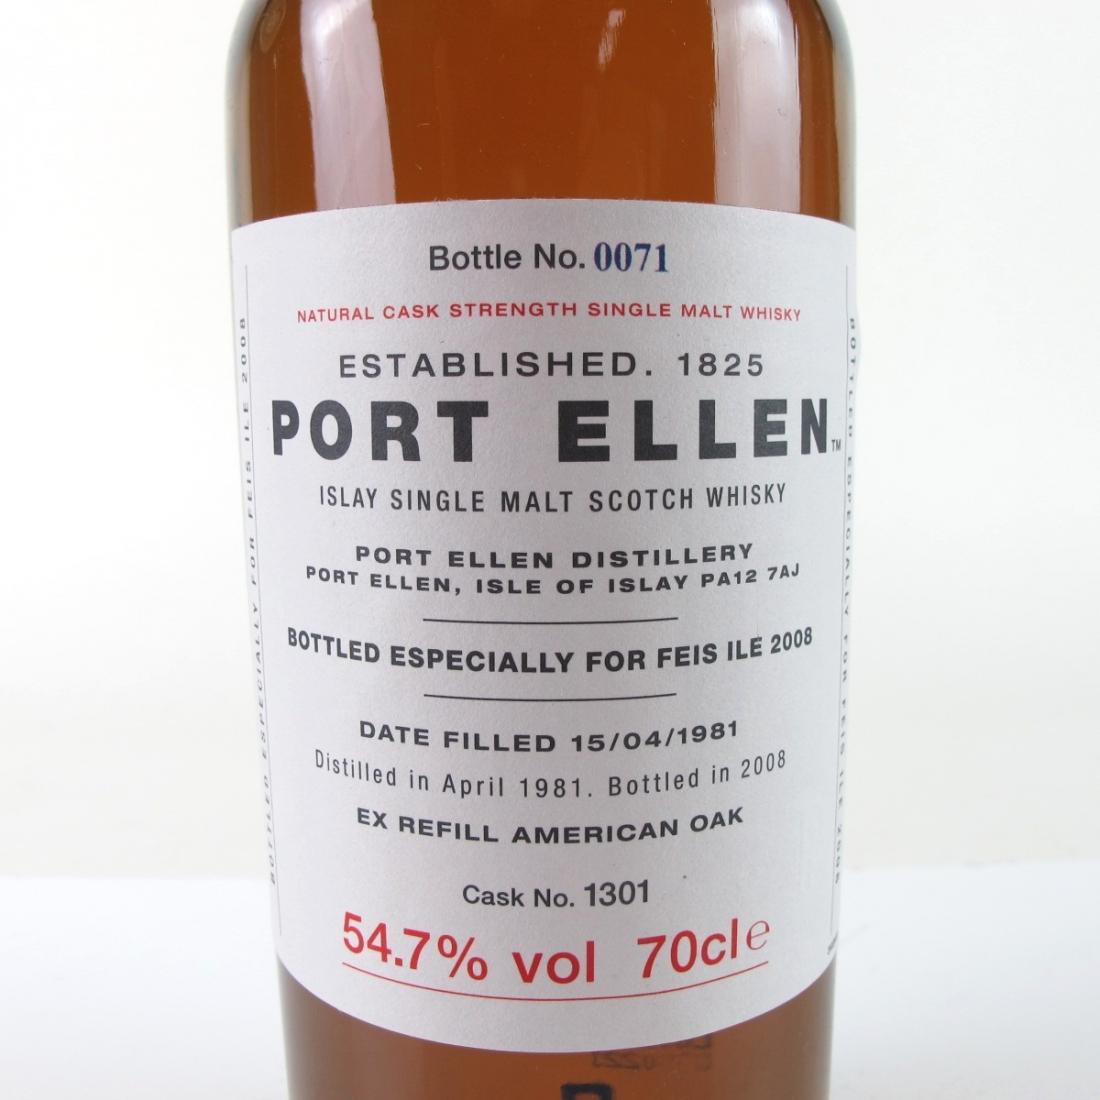 Port Ellen 1981 Feis Ile 2008